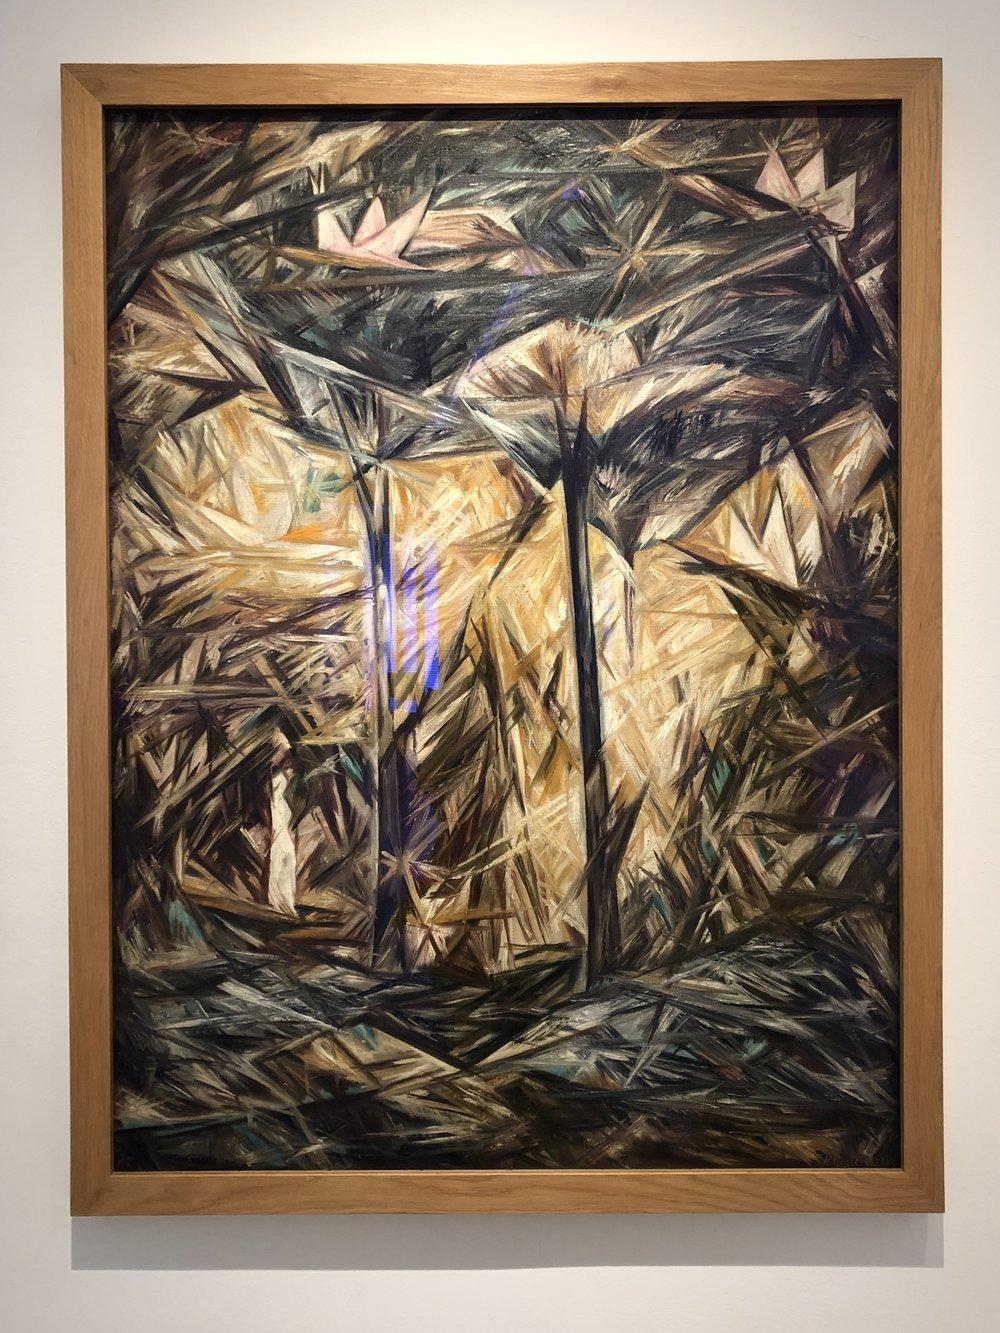 Natalia Goncharova  The Forest, 1913